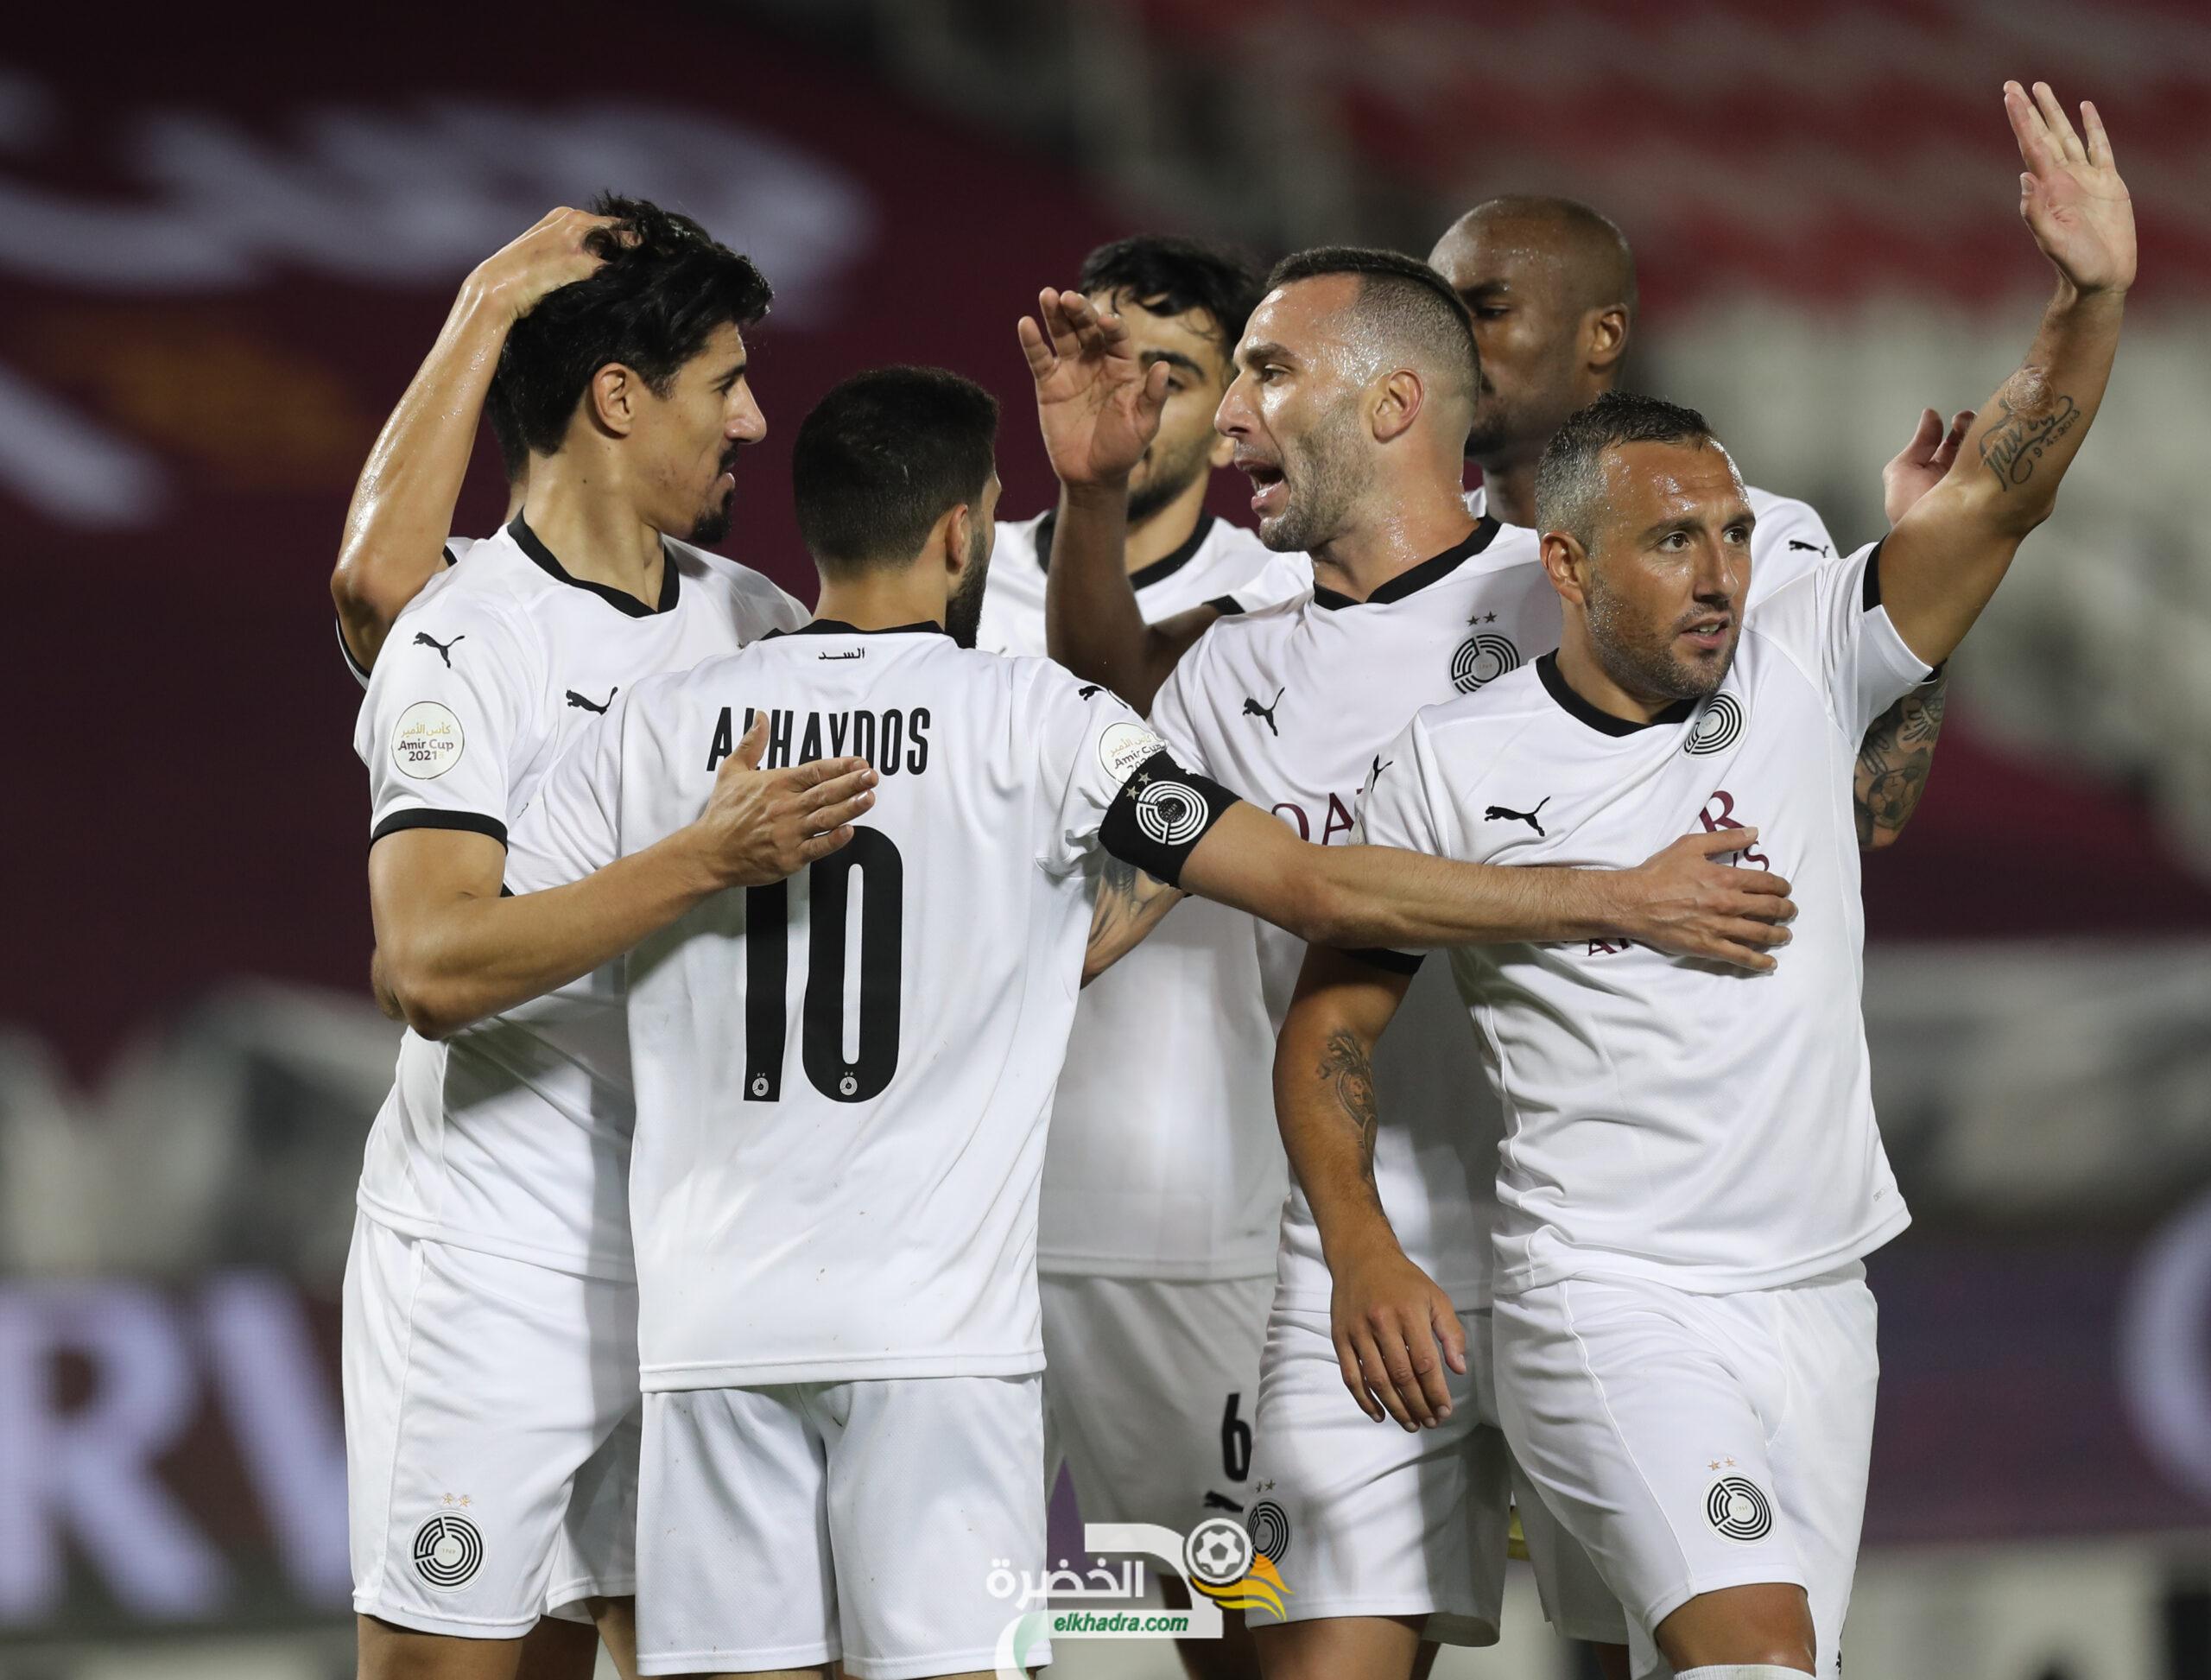 كأس قطر : بونجاح هداف ويقود السد لتجاوز نادي العربي 12